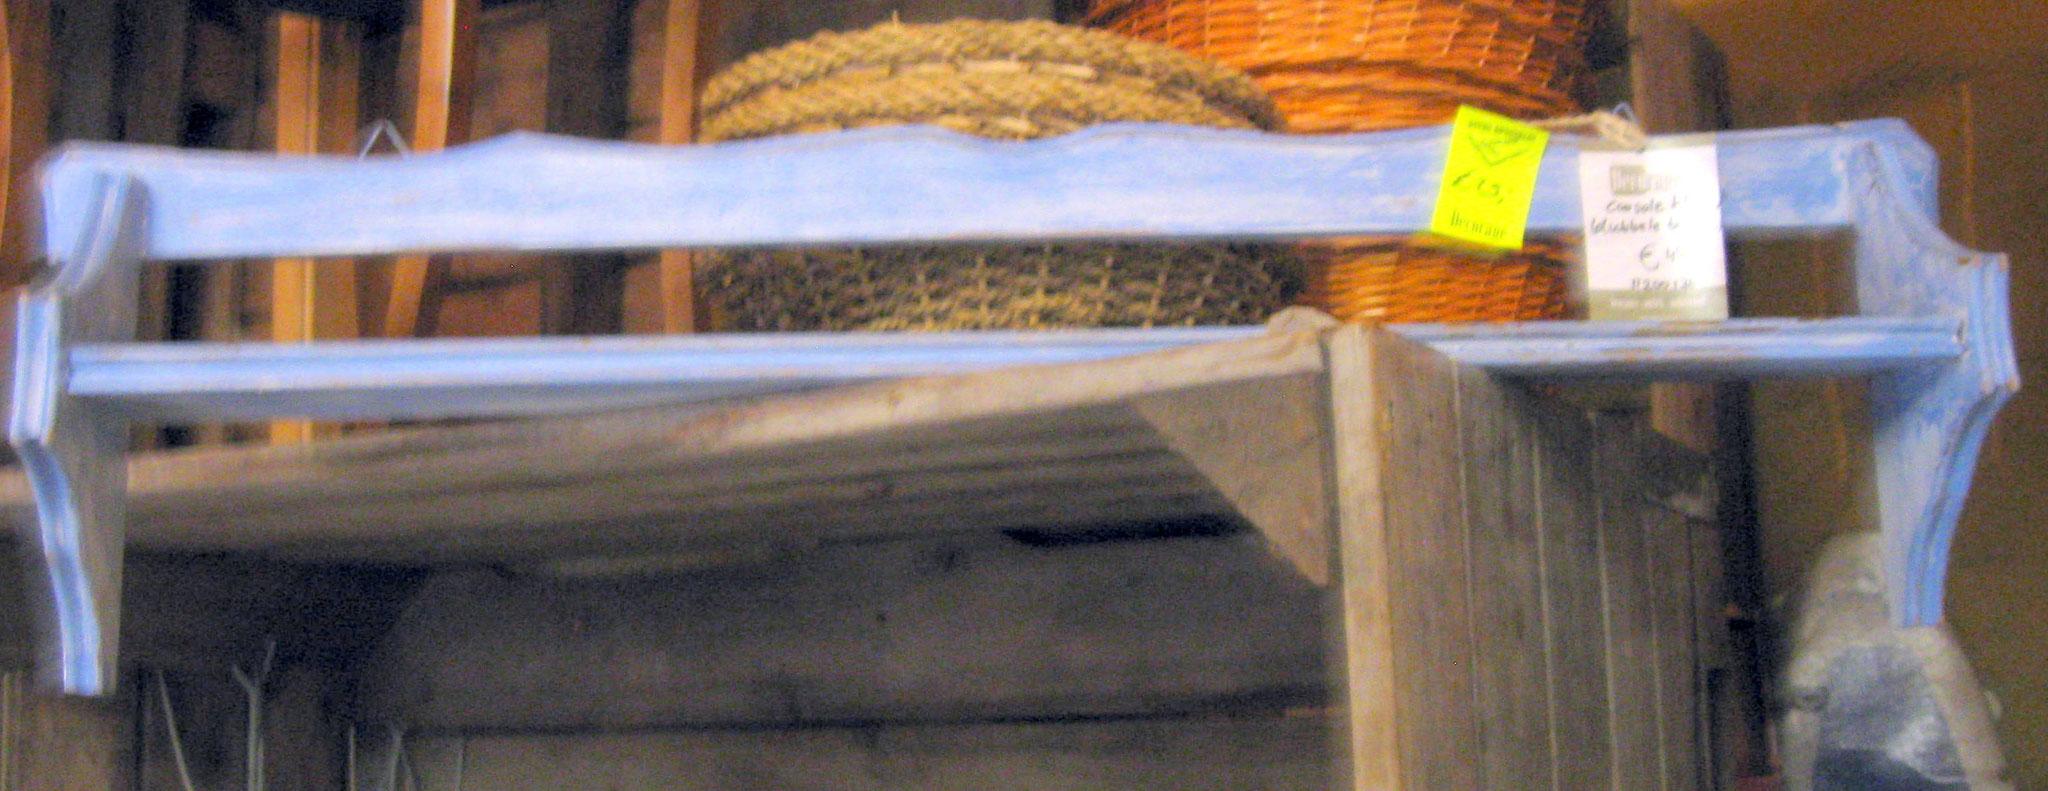 Borden cousole blauw - van € 45,- voor € 25,-